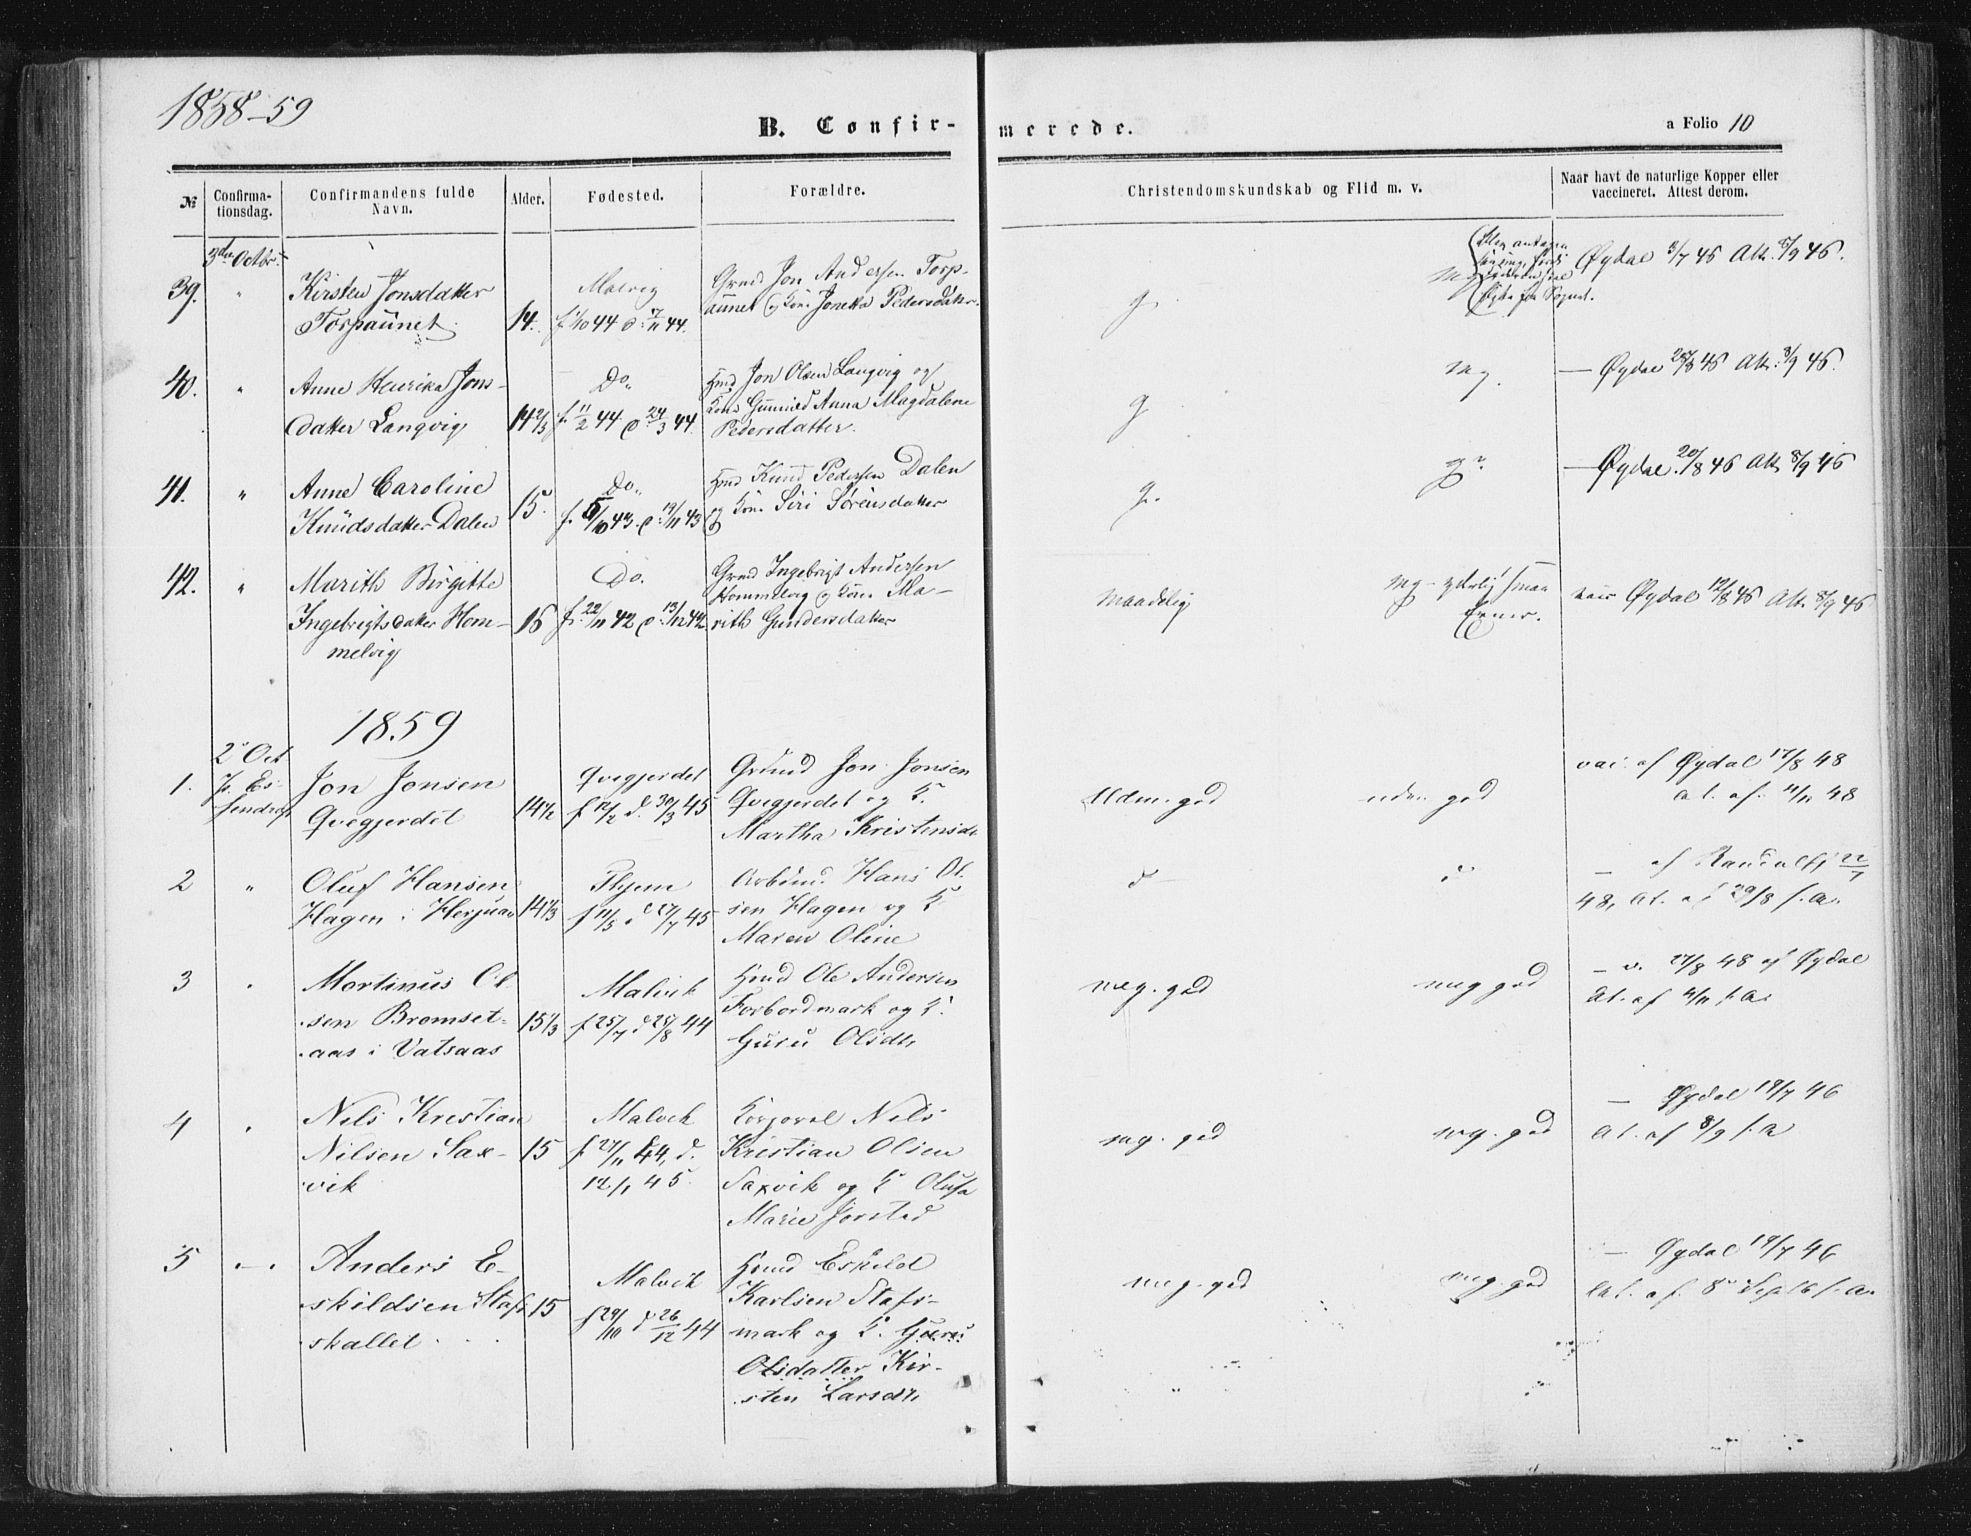 SAT, Ministerialprotokoller, klokkerbøker og fødselsregistre - Sør-Trøndelag, 616/L0408: Ministerialbok nr. 616A05, 1857-1865, s. 10